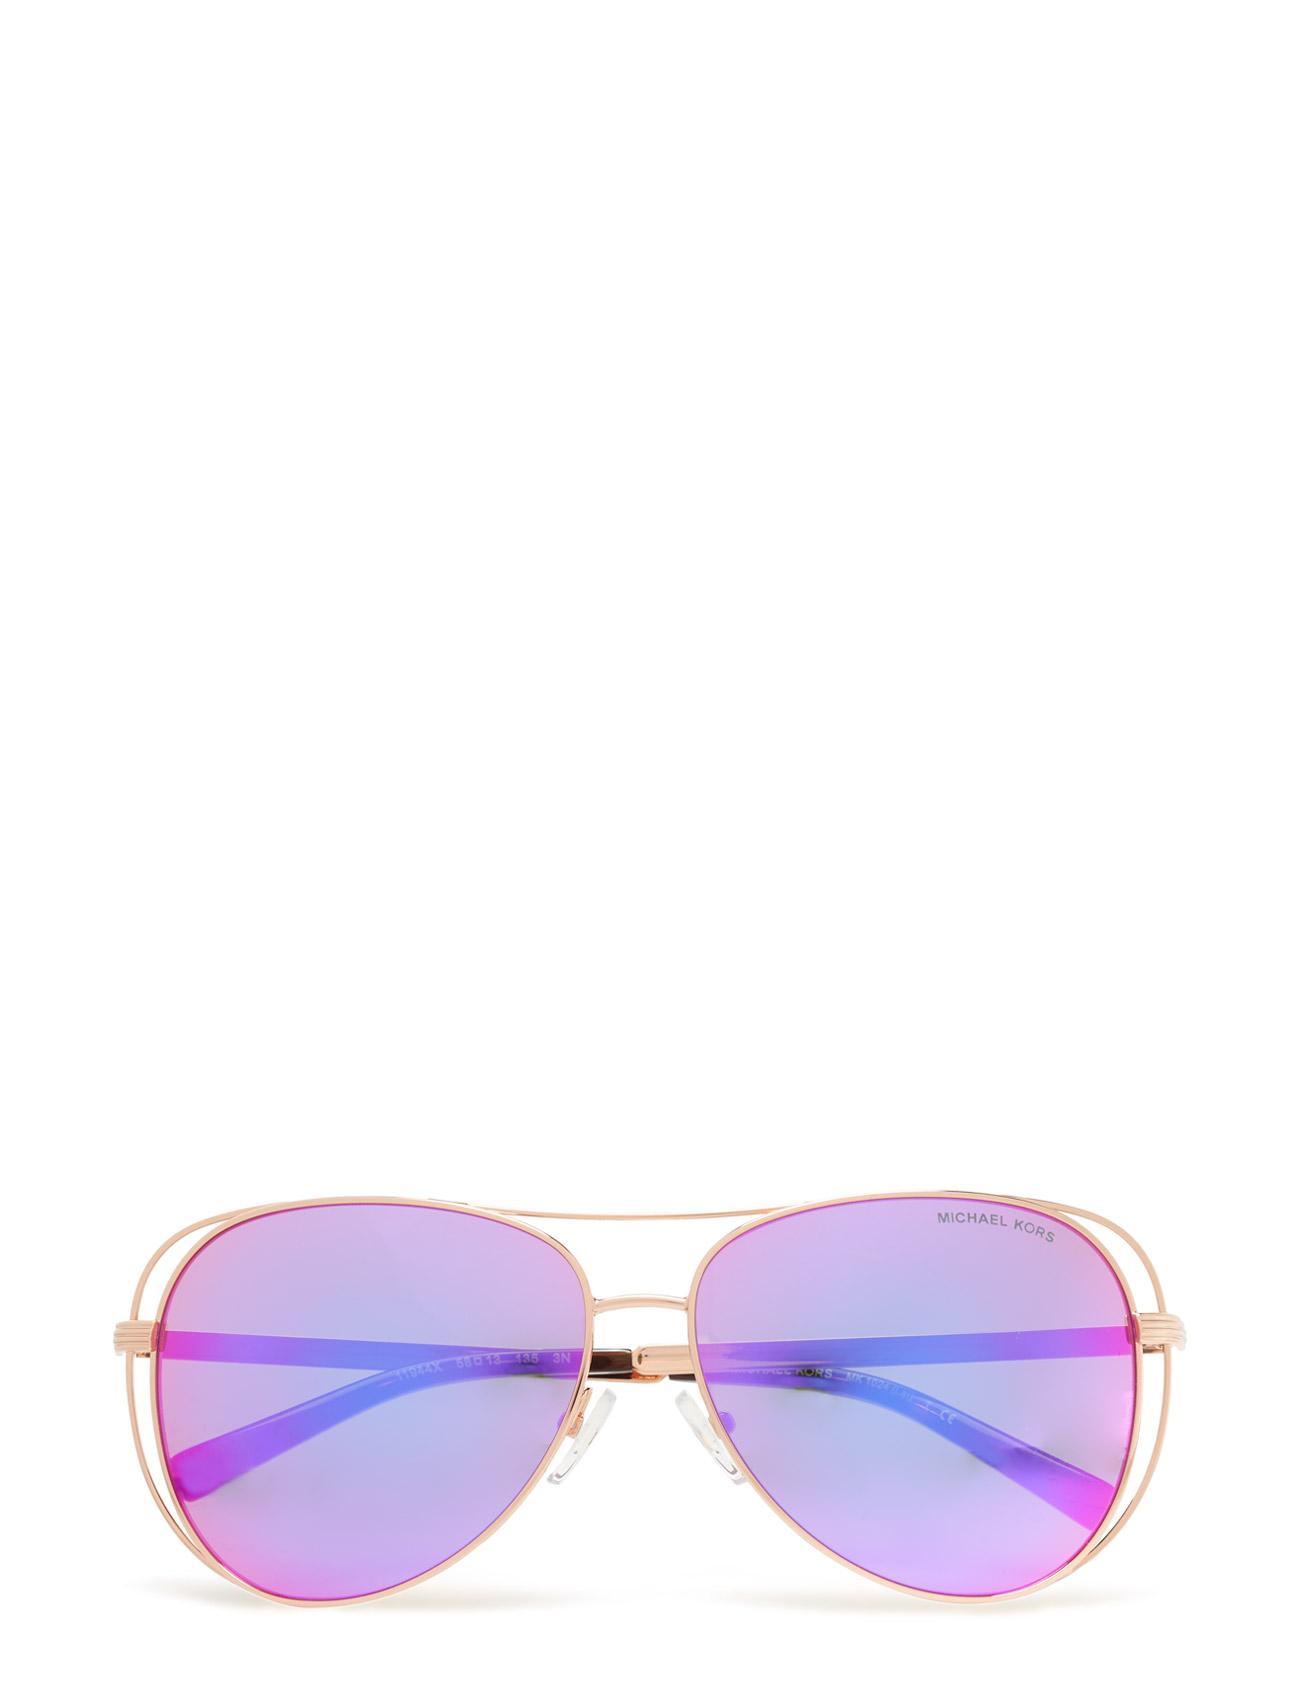 Lai Michael Kors Sunglasses Solbriller til Kvinder i